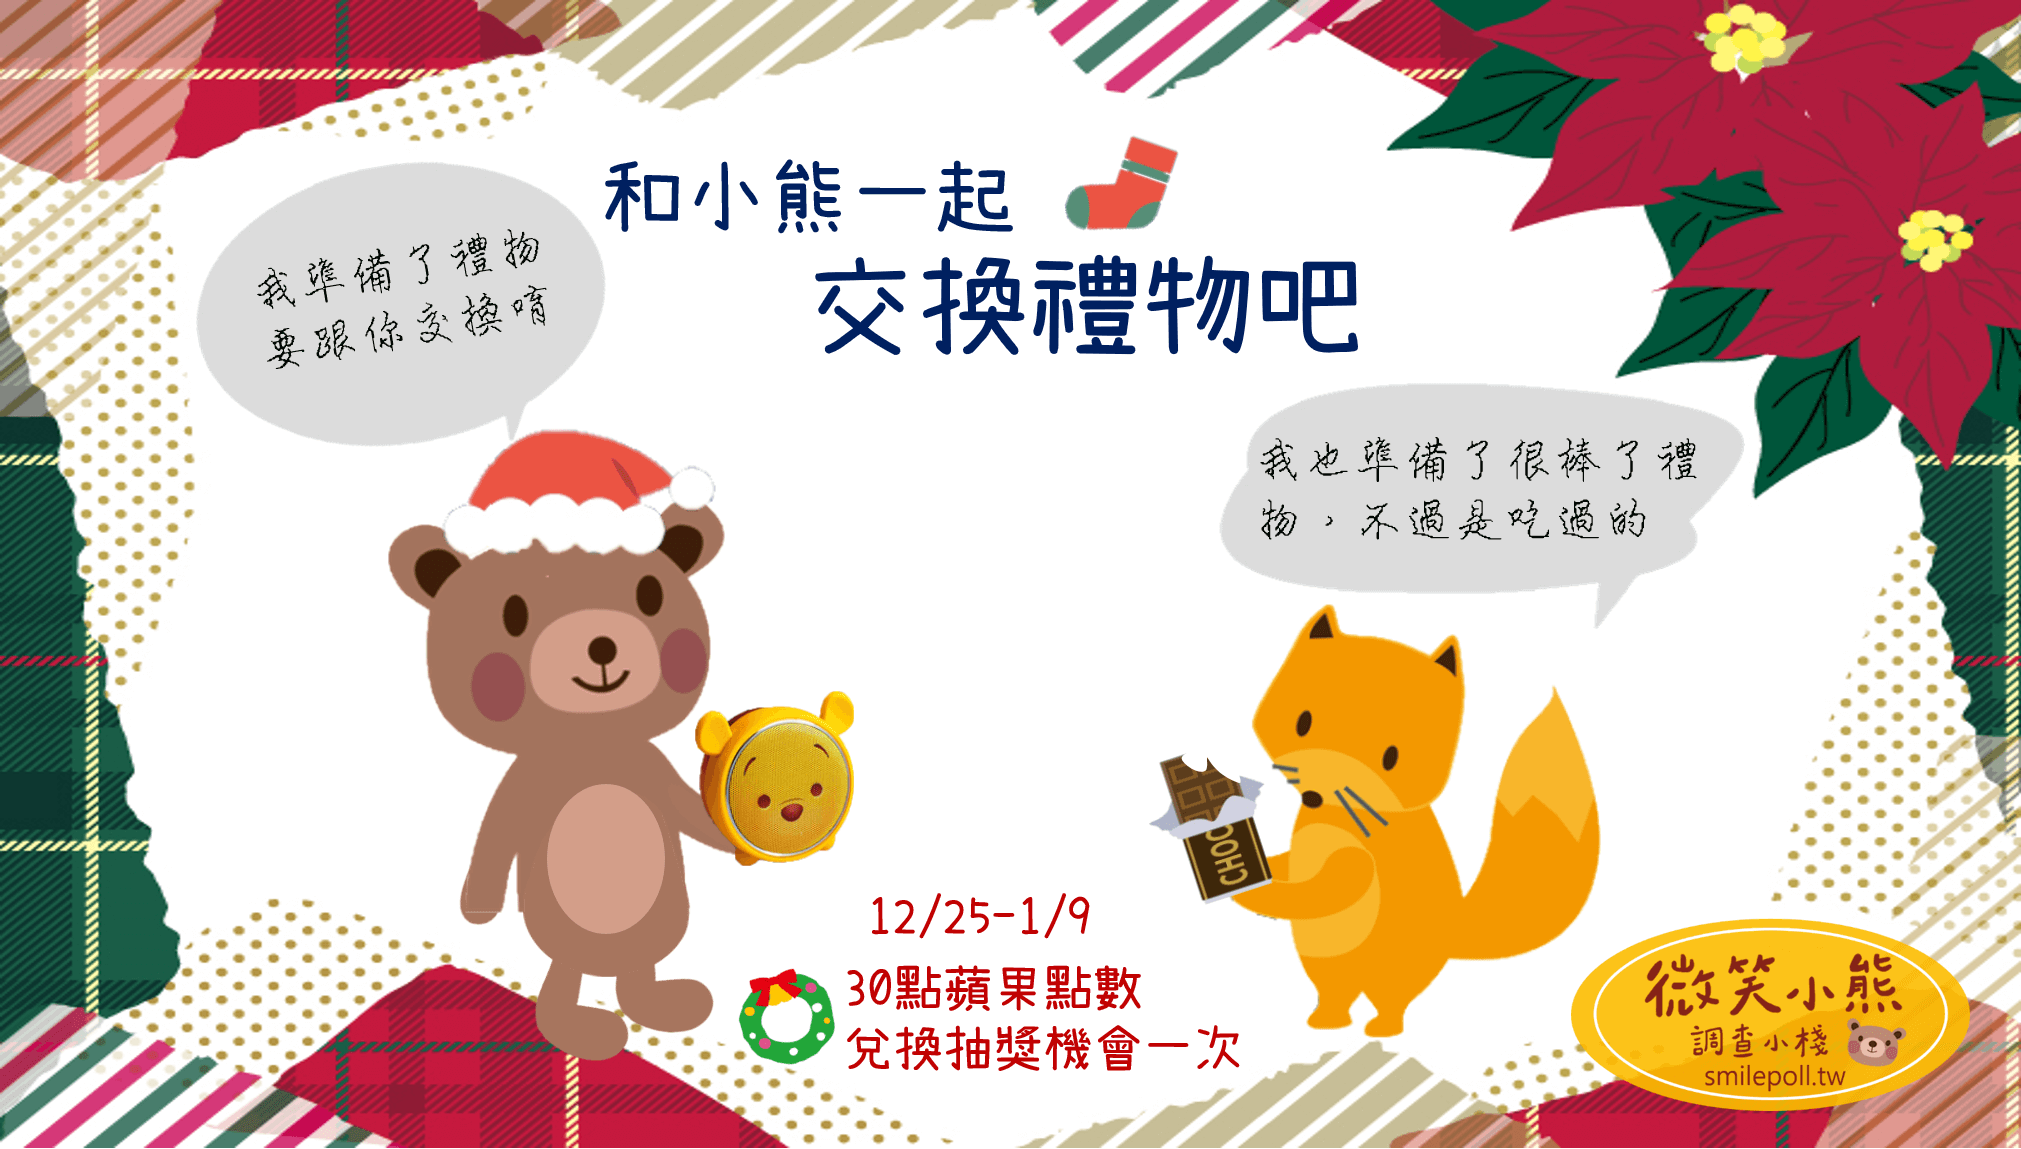 會員活動:和小熊一起交換禮物吧!